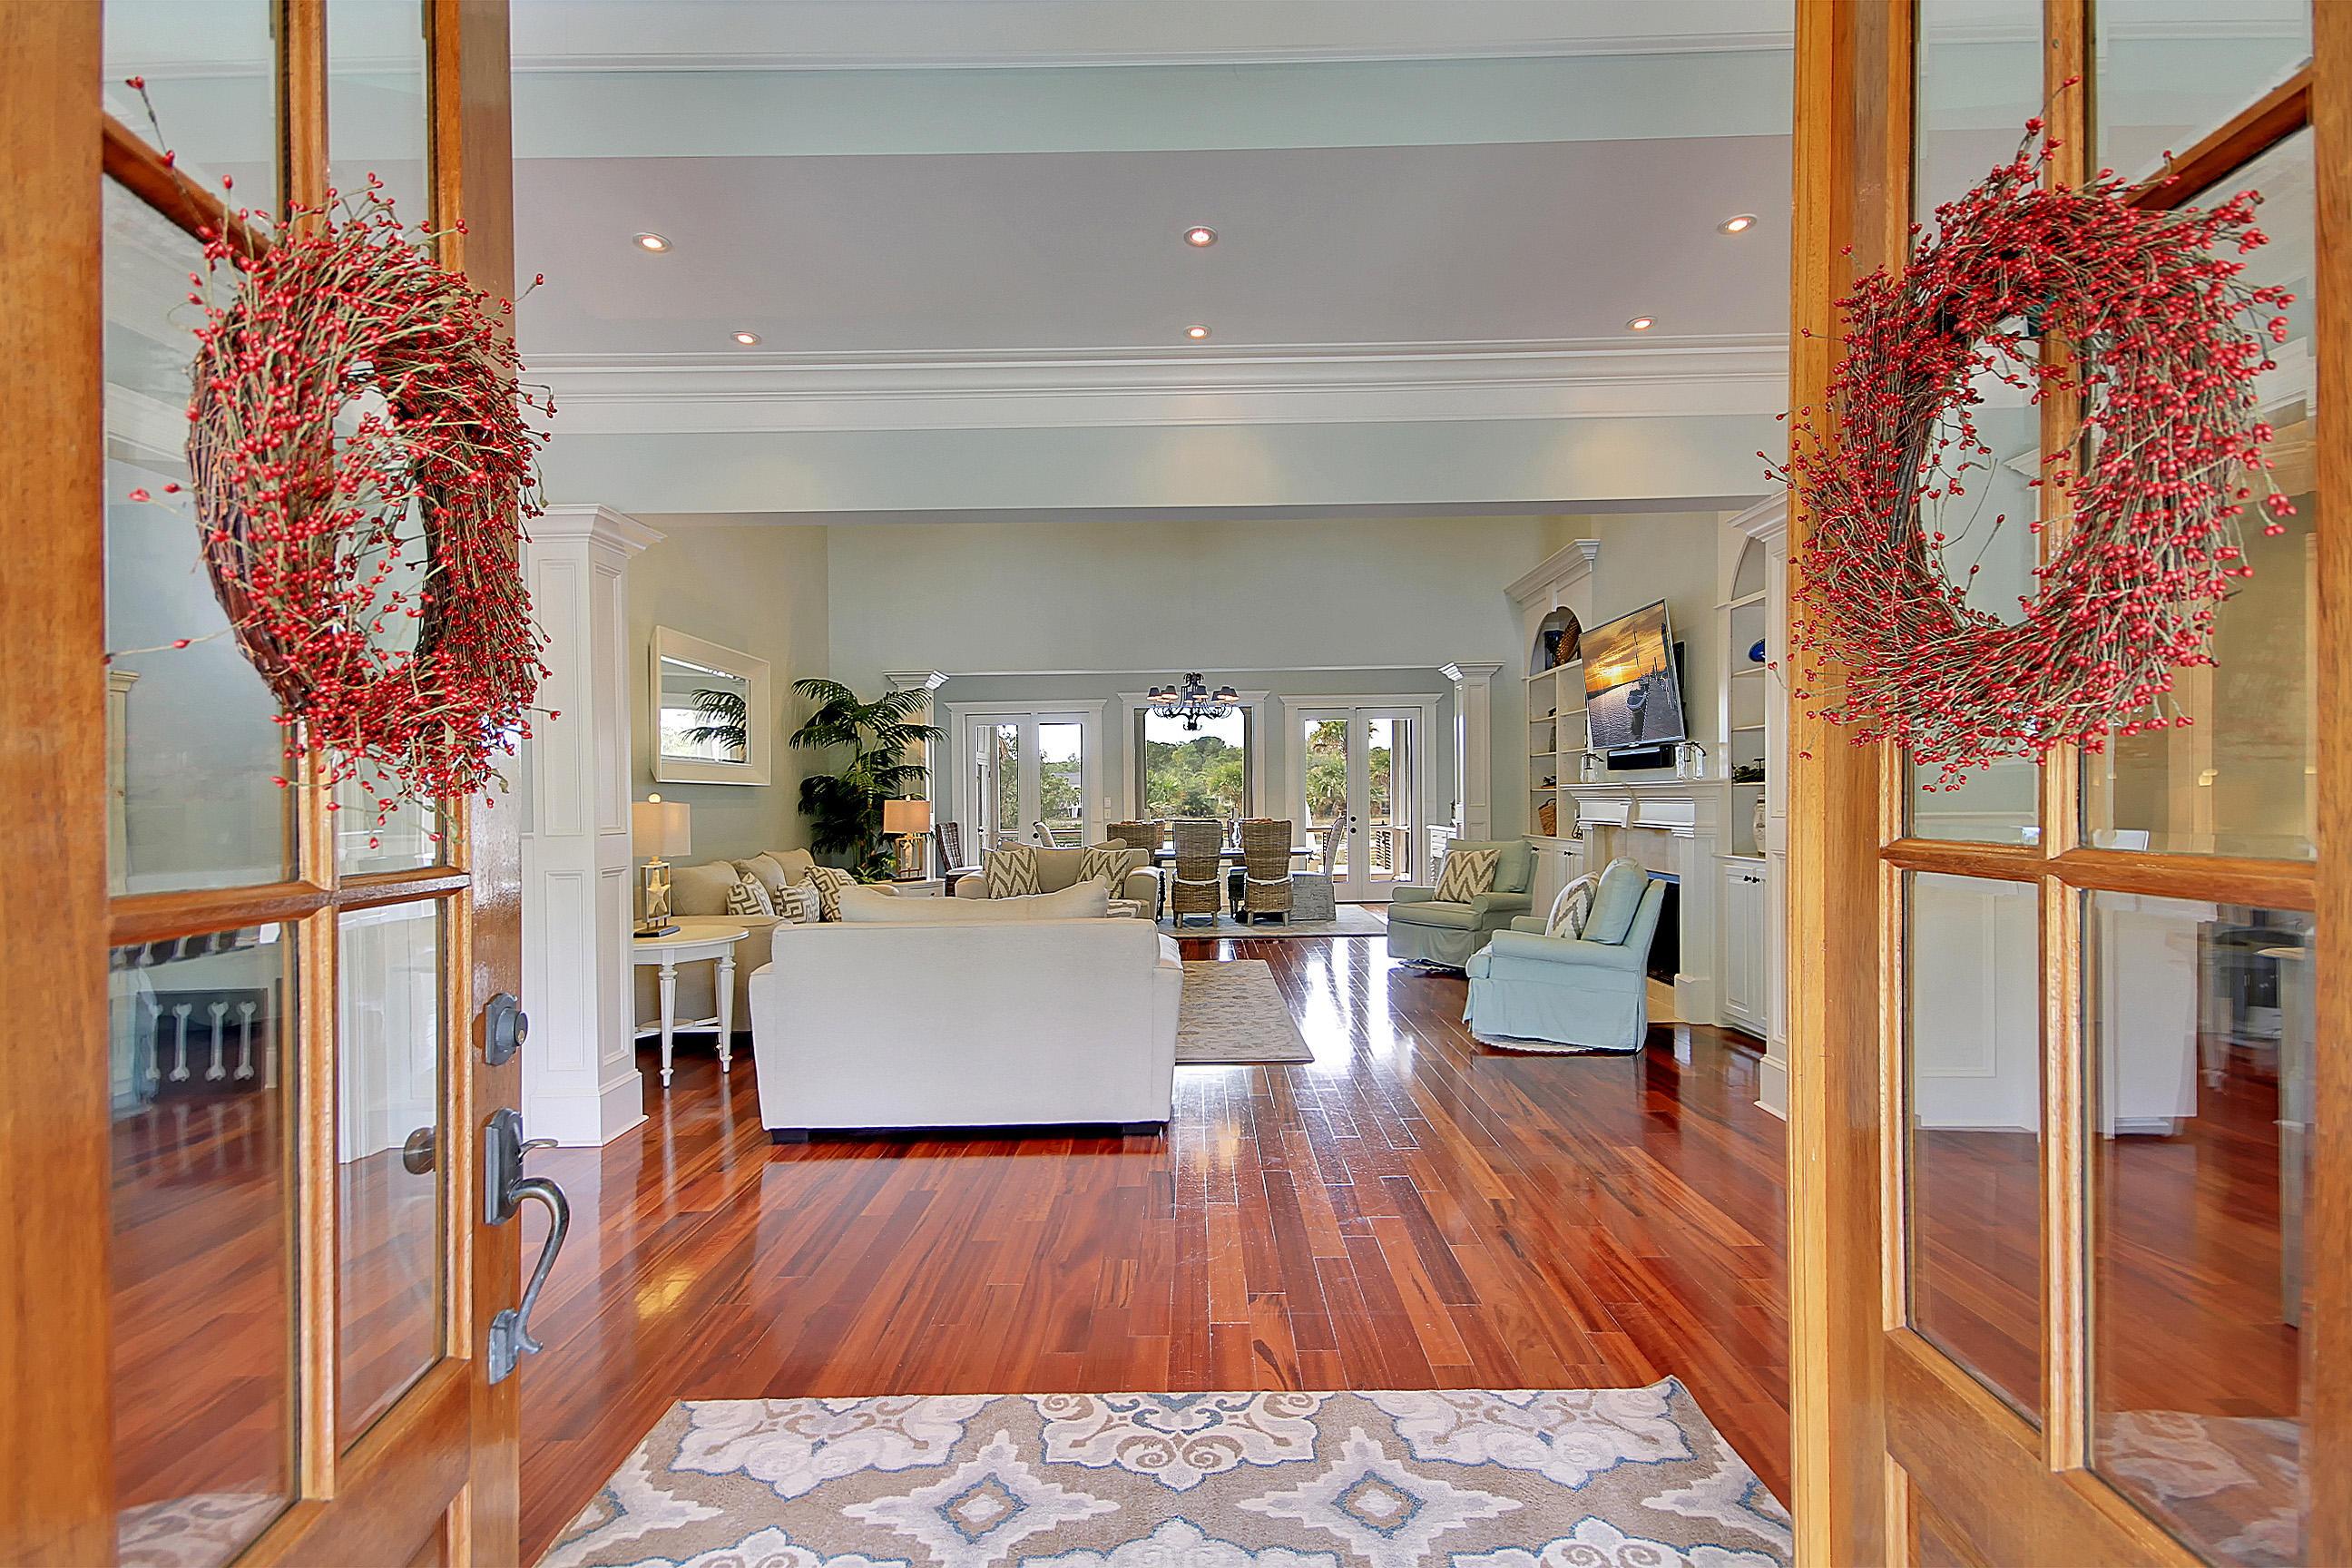 Park West Homes For Sale - 3940 Ashton Shore, Mount Pleasant, SC - 0